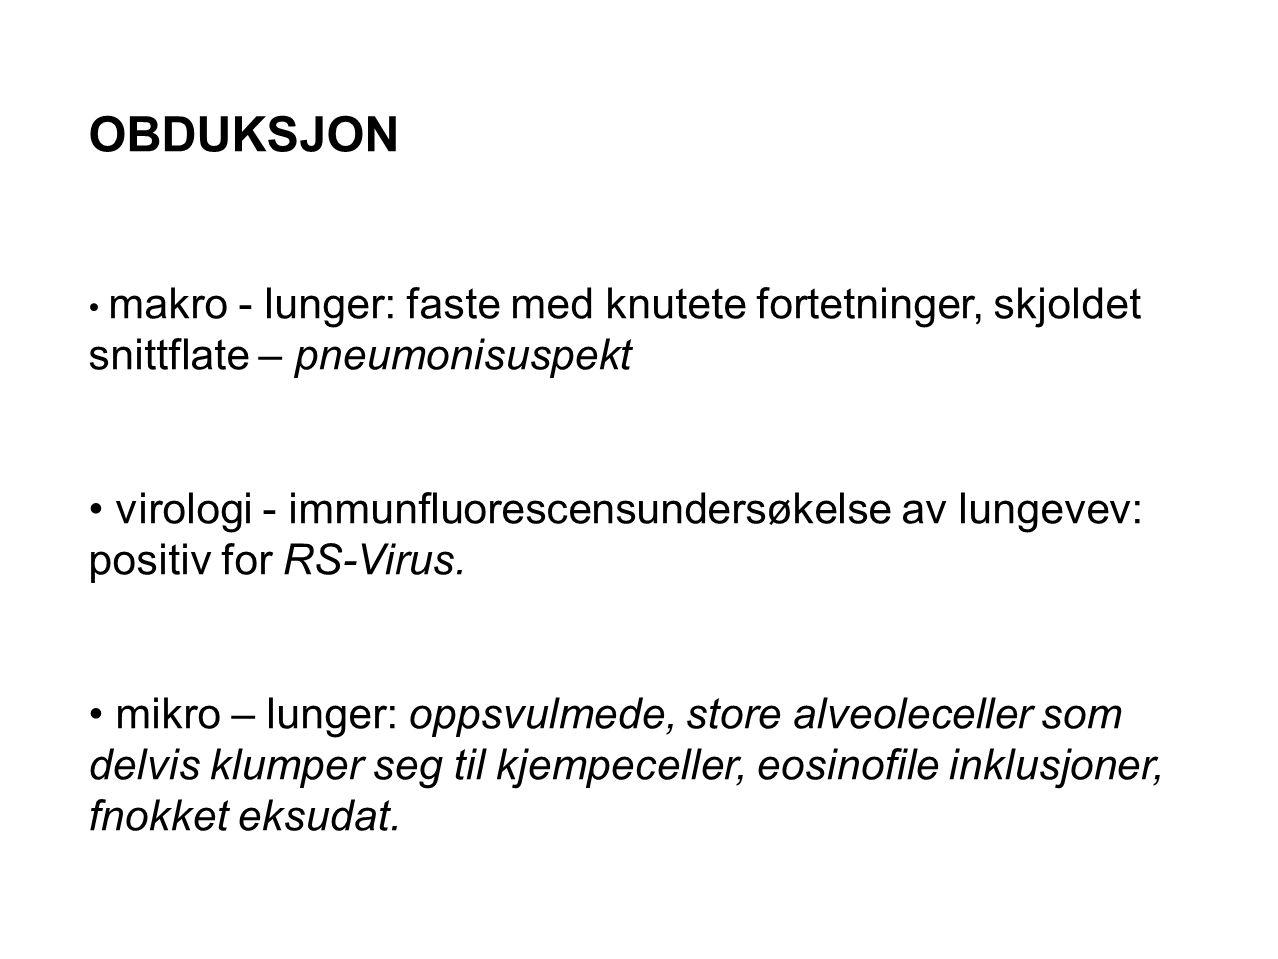 OBDUKSJON makro - lunger: faste med knutete fortetninger, skjoldet snittflate – pneumonisuspekt.